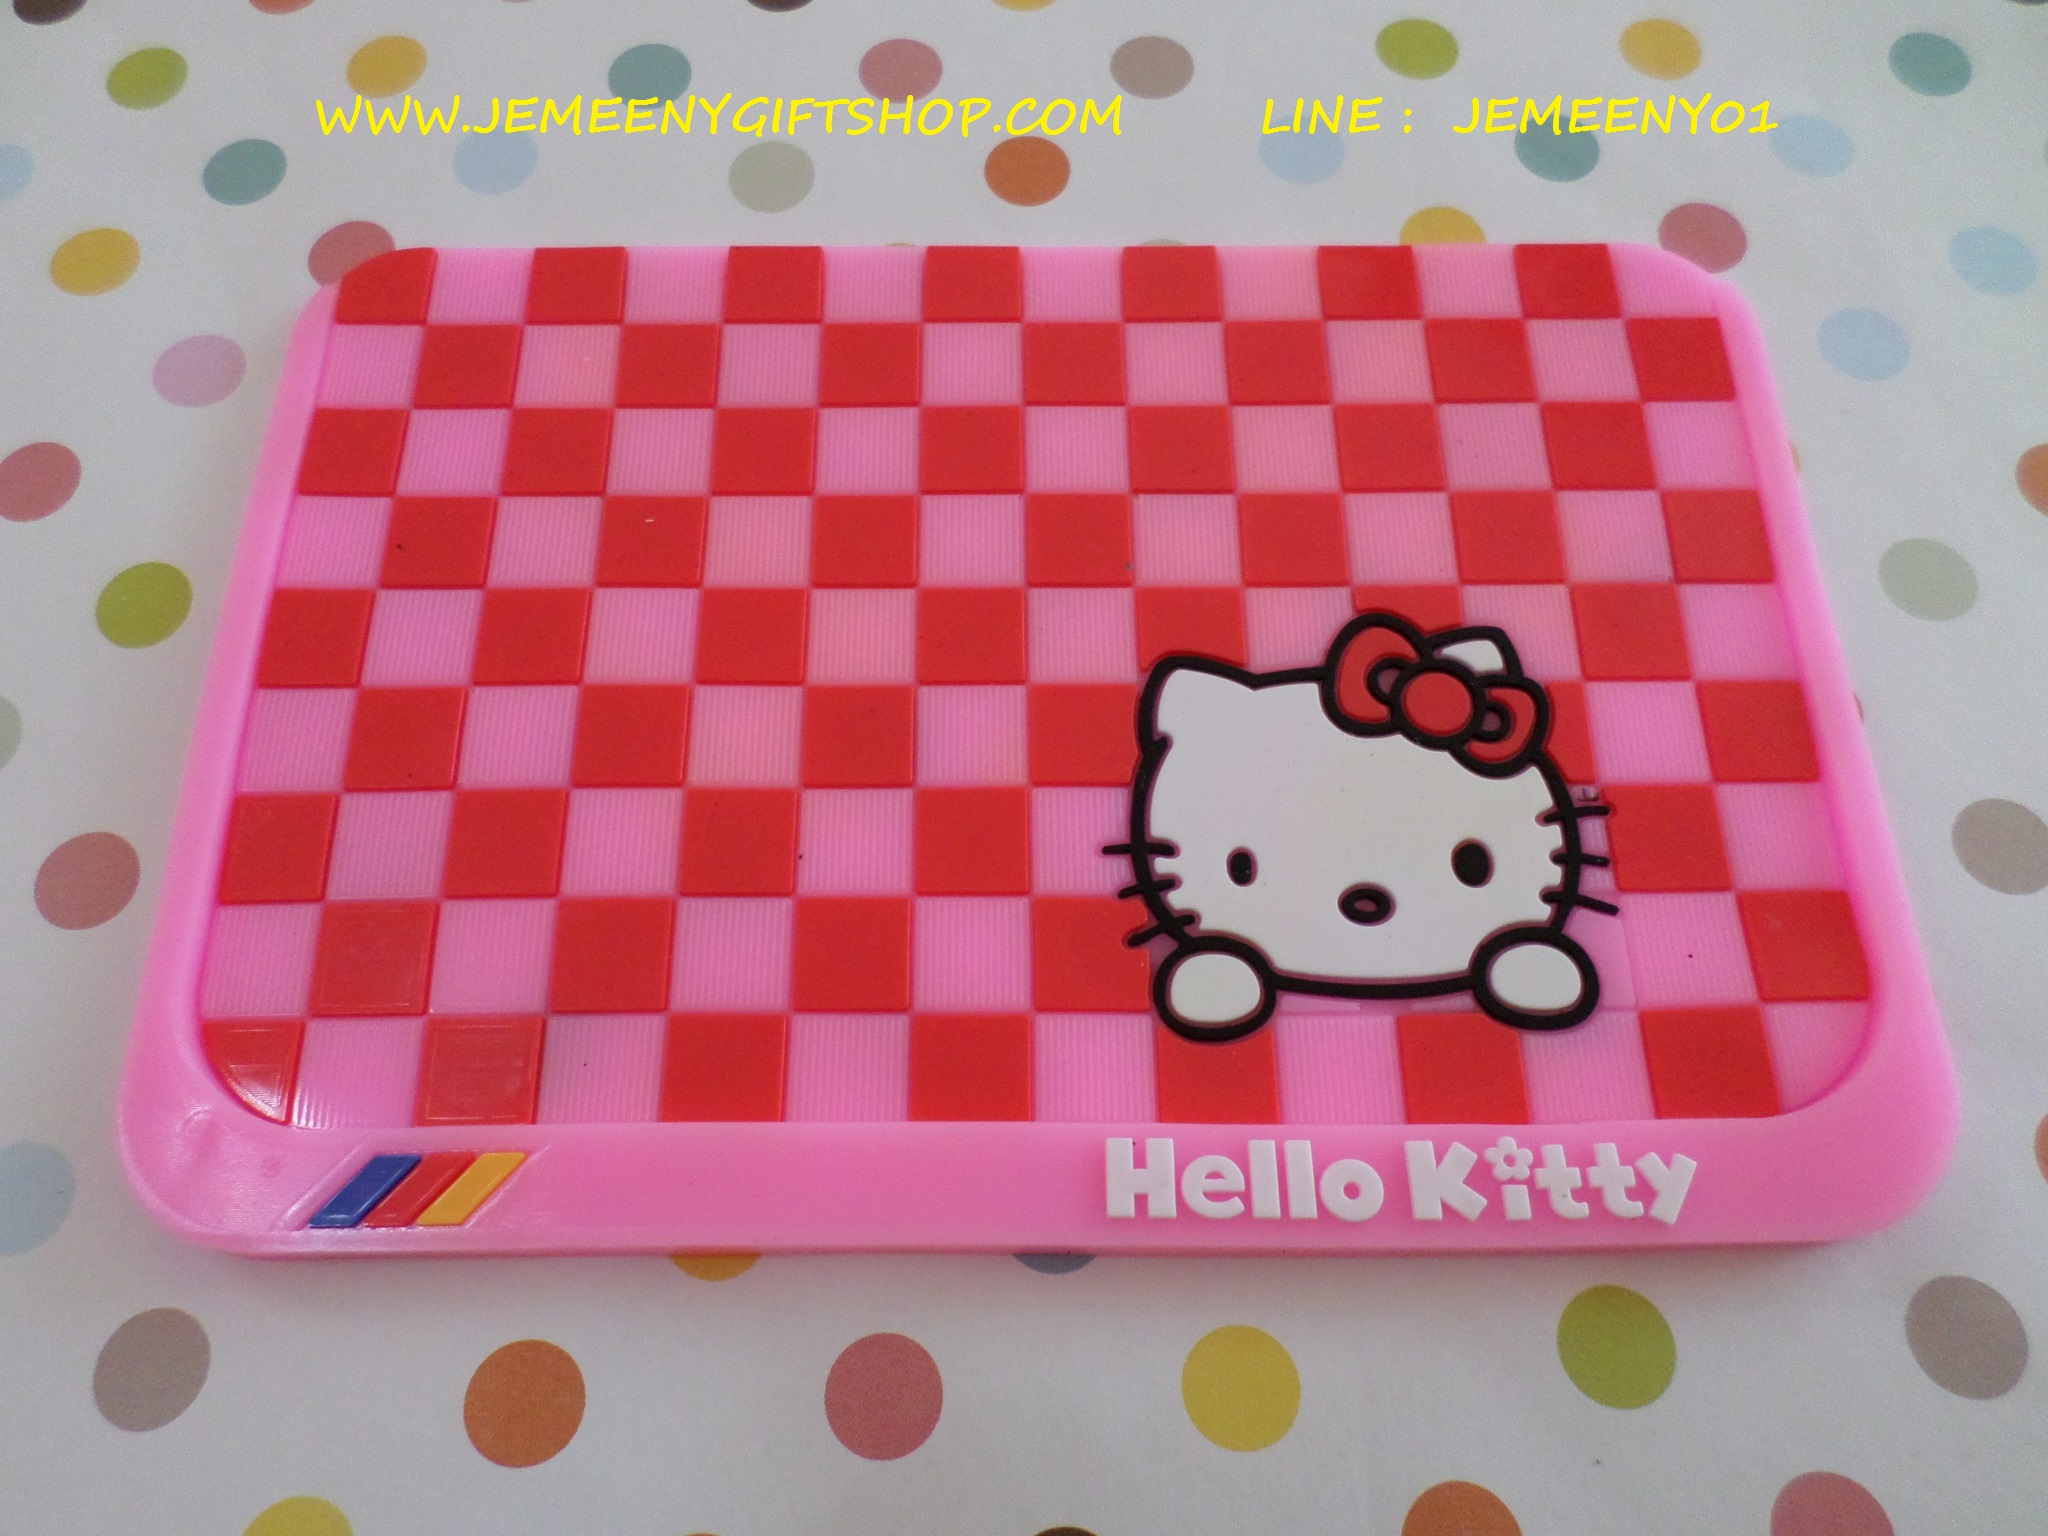 แผ่นยางกันลื่นวางหน้ารถ ฮัลโหลคิตตี้ Hello Kitty ขนาด 16 ซม. * 11 ซม. สีชมพู ลายสก๊อตคิตตี้โบว์แดง